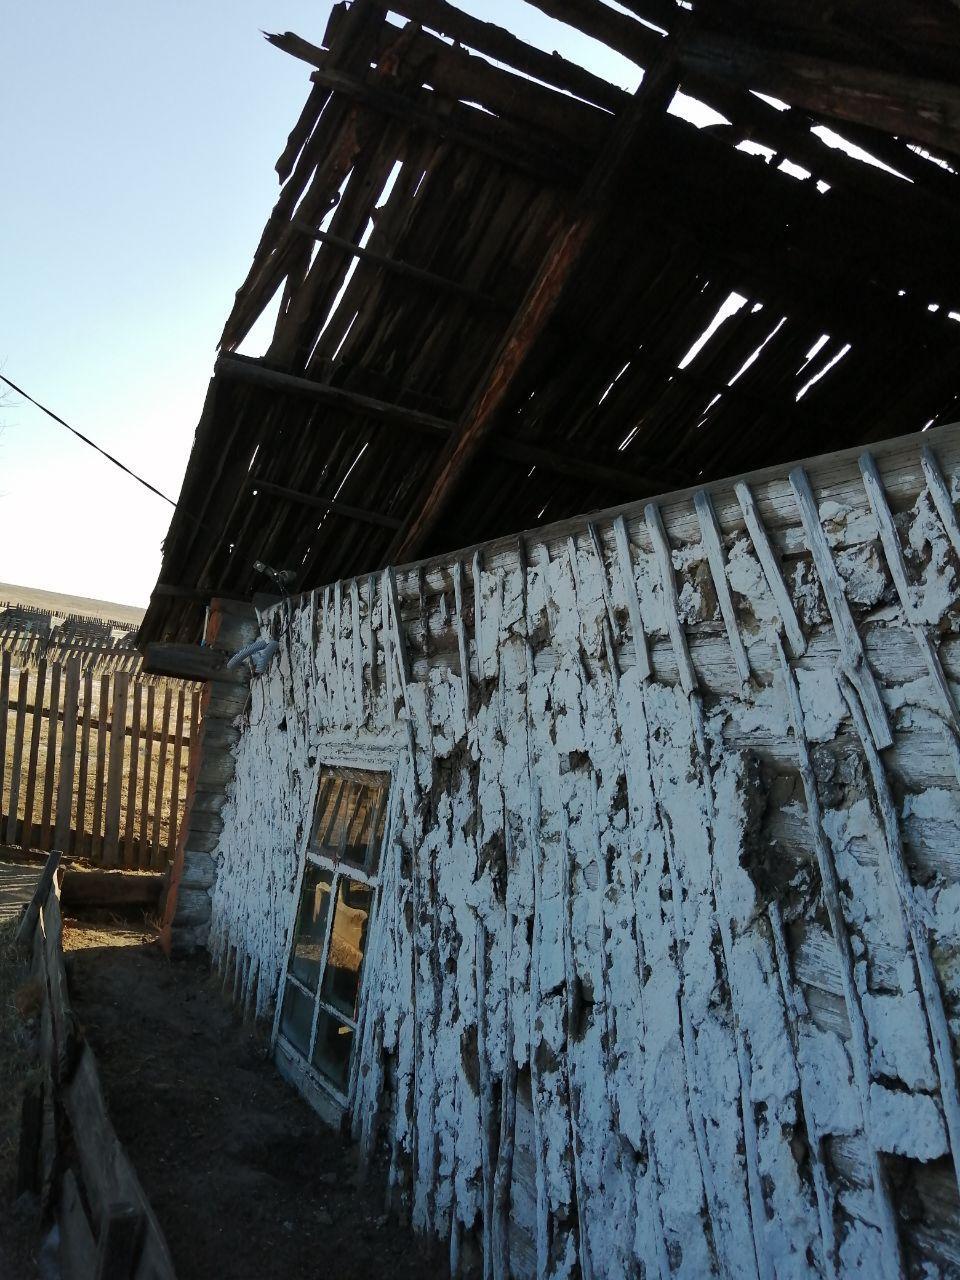 В этом 83-летнем доме, вросшем в землю и крышей из досок, живет мужественная пенсионерка. Дарасун, 13.02.